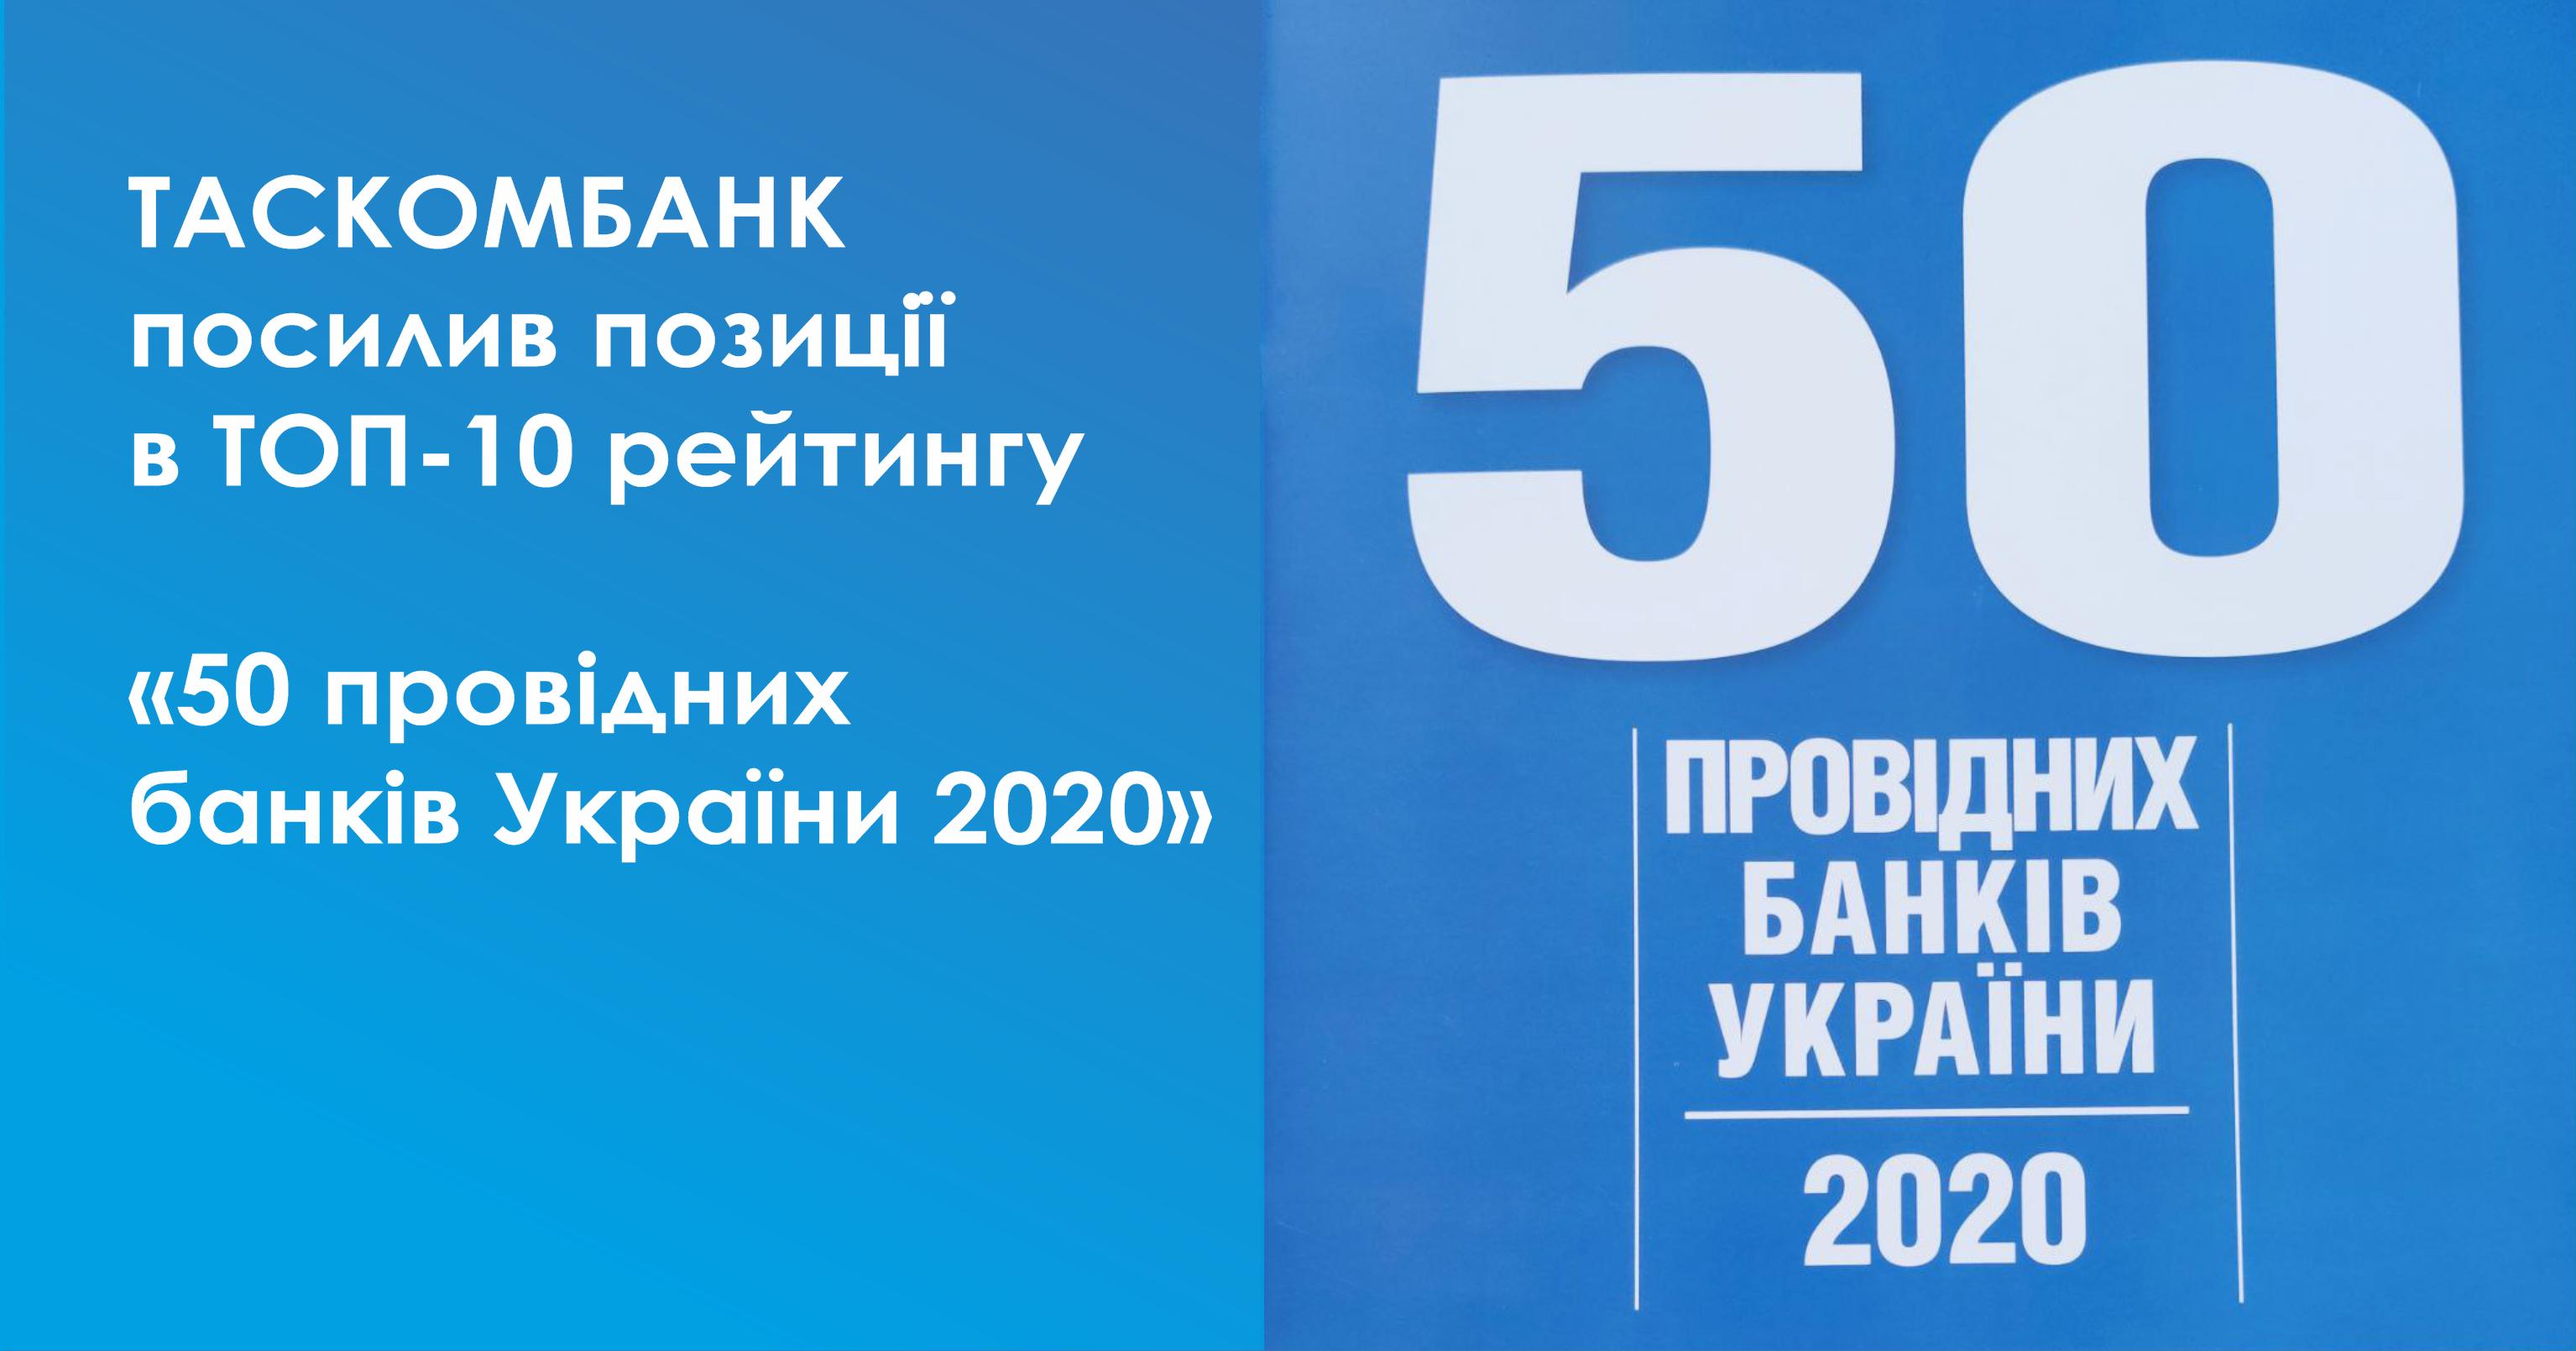 ТАСКОМБАНК посилив позиції в ТОП-10 рейтингу «50 провідних банків України»